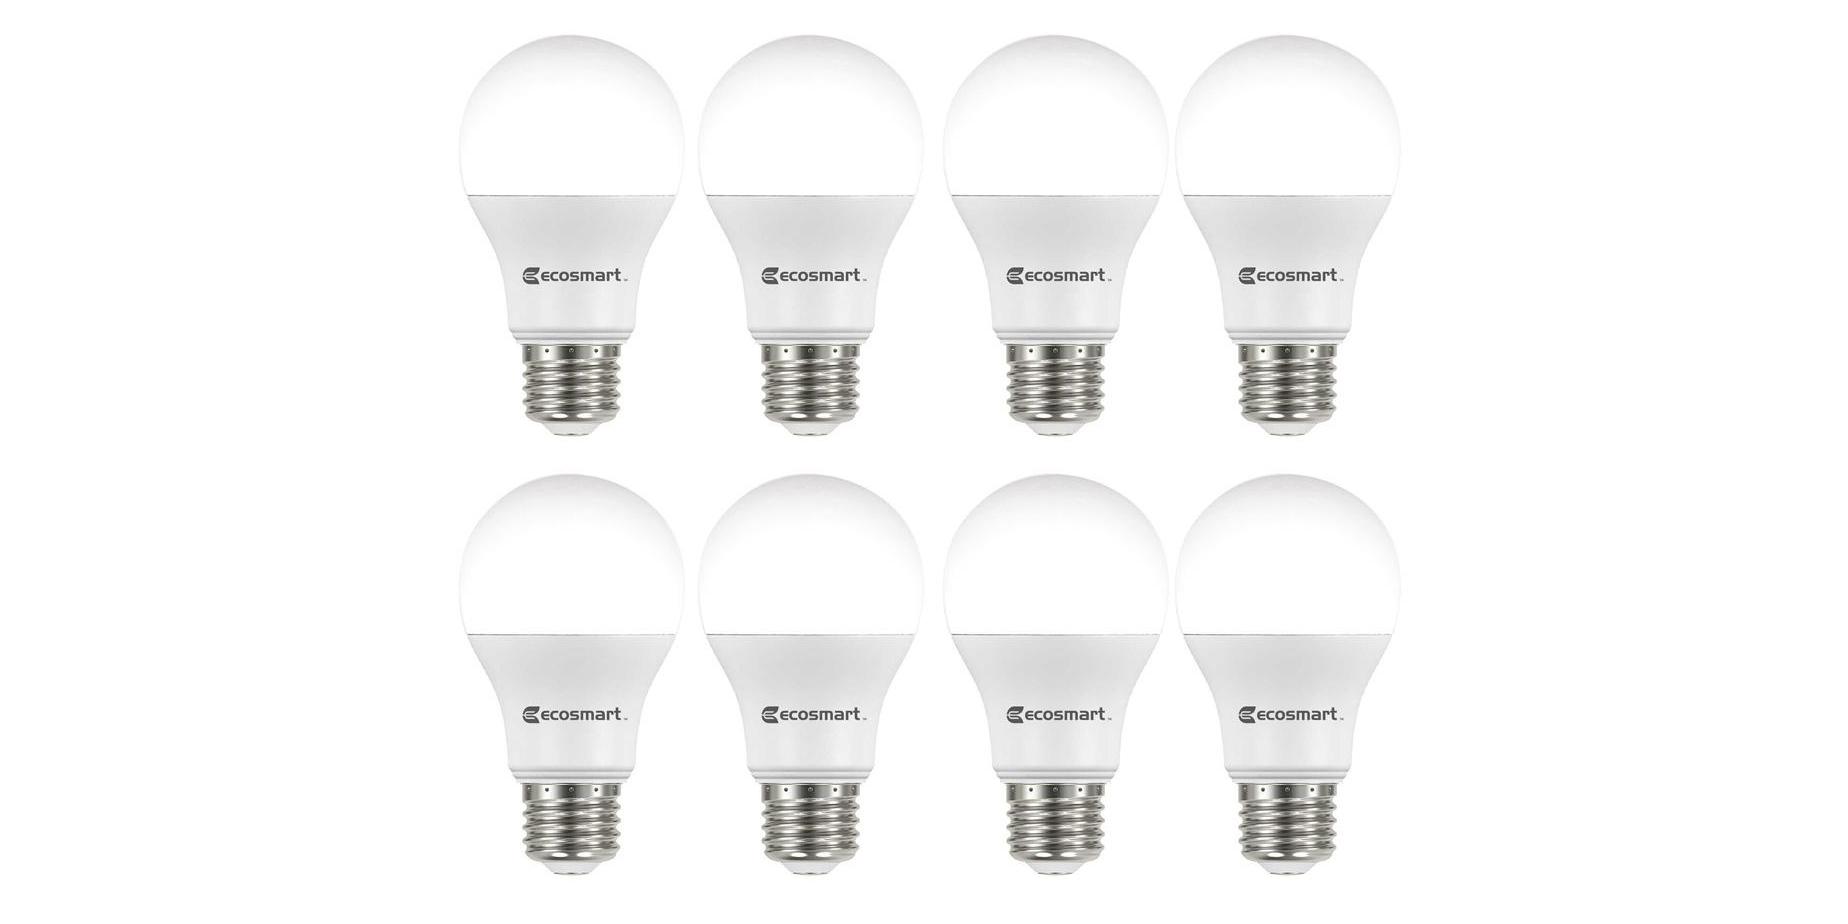 Green Deals 8 Pack Ecosmart Led Light Bulbs 10 More